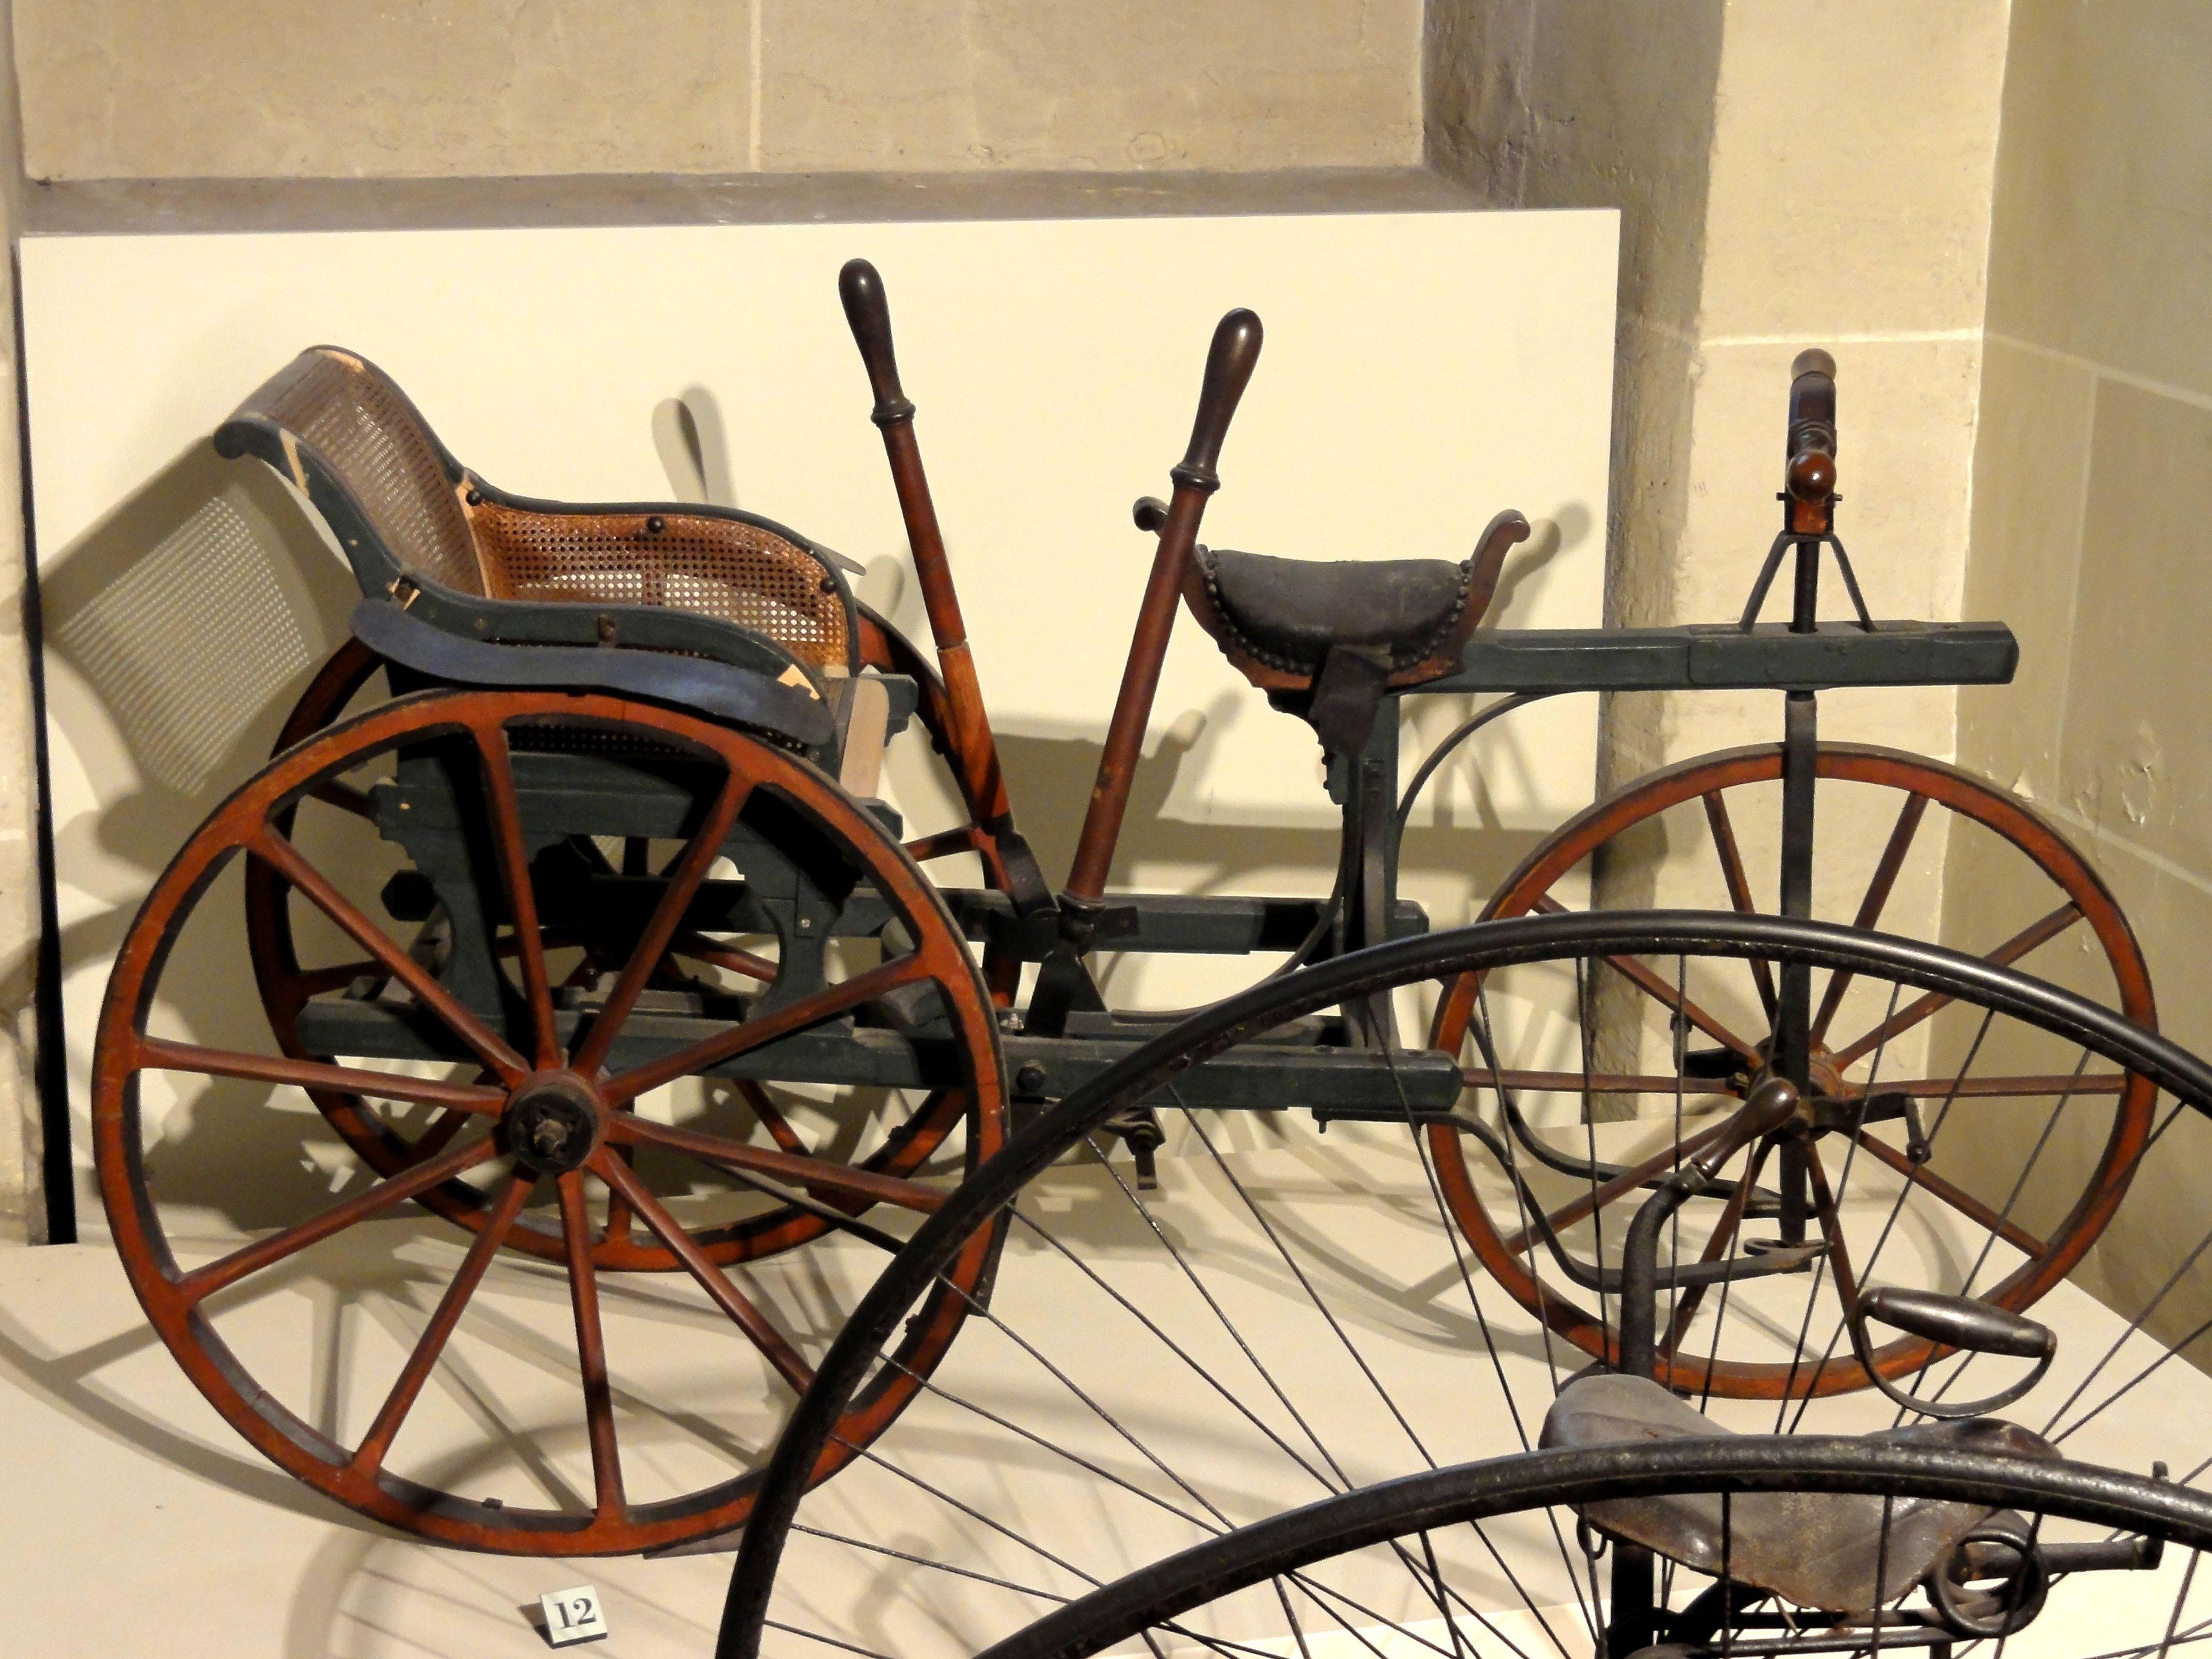 file compi gne 60 mus e de la voiture tricycle tandem en bois wikimedia commons. Black Bedroom Furniture Sets. Home Design Ideas